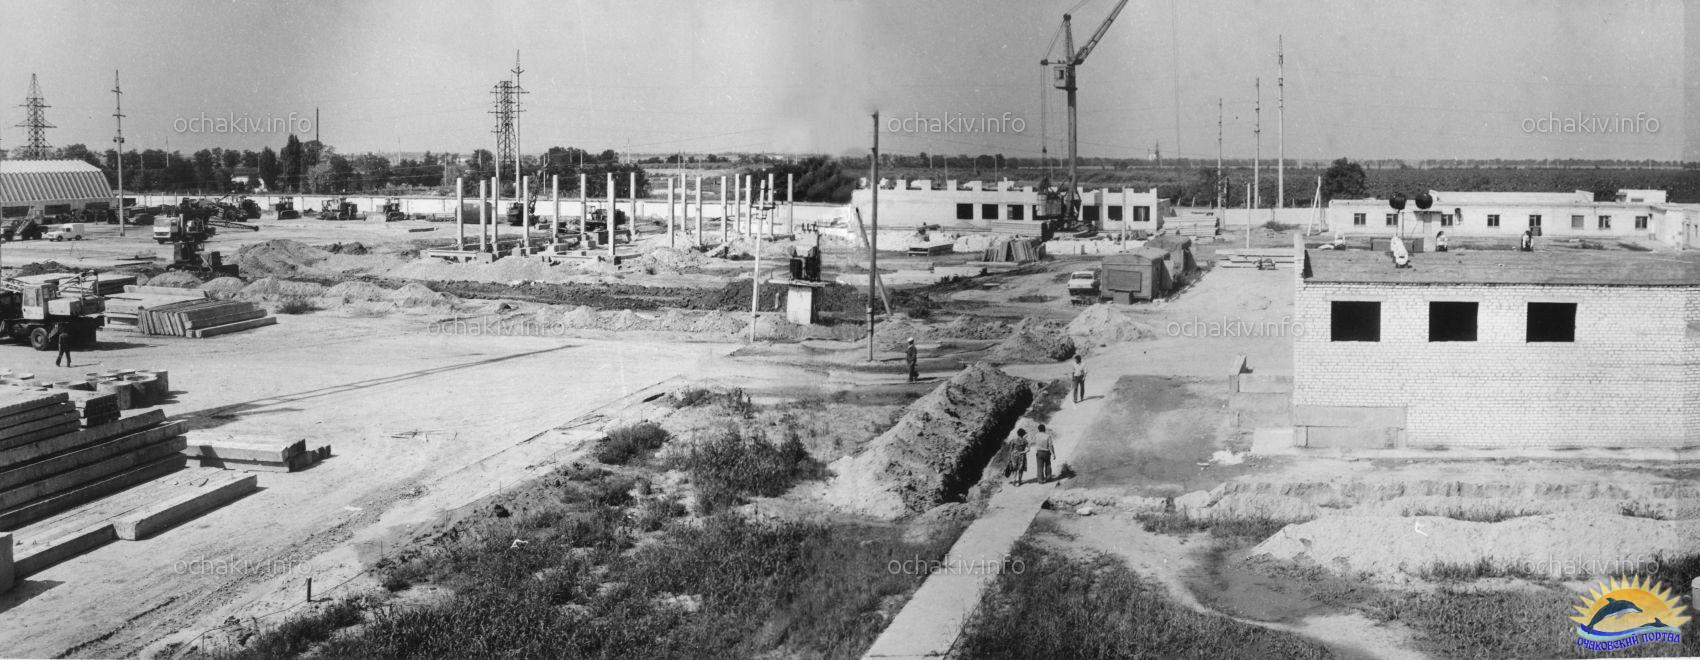 Строительство промбазы строителей Днепро-Бурского гидроузла г. Очаков. 1984 год